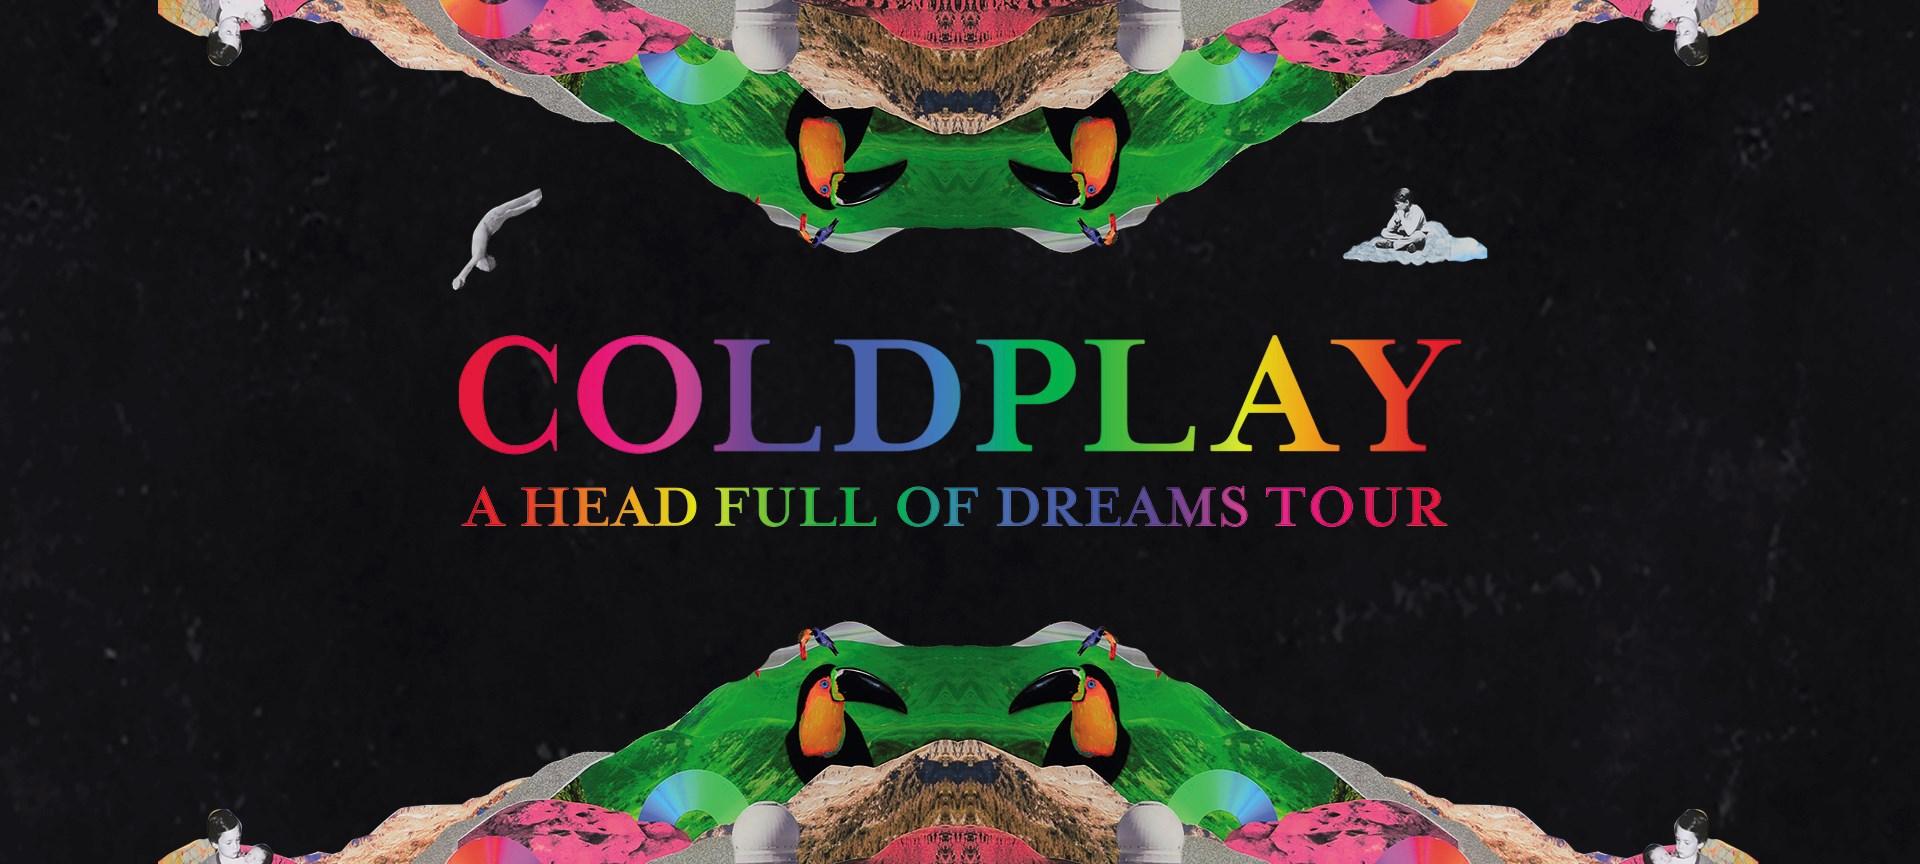 Boka bord till Coldplay - Ullevi restaurang och konferens i Göteborg.